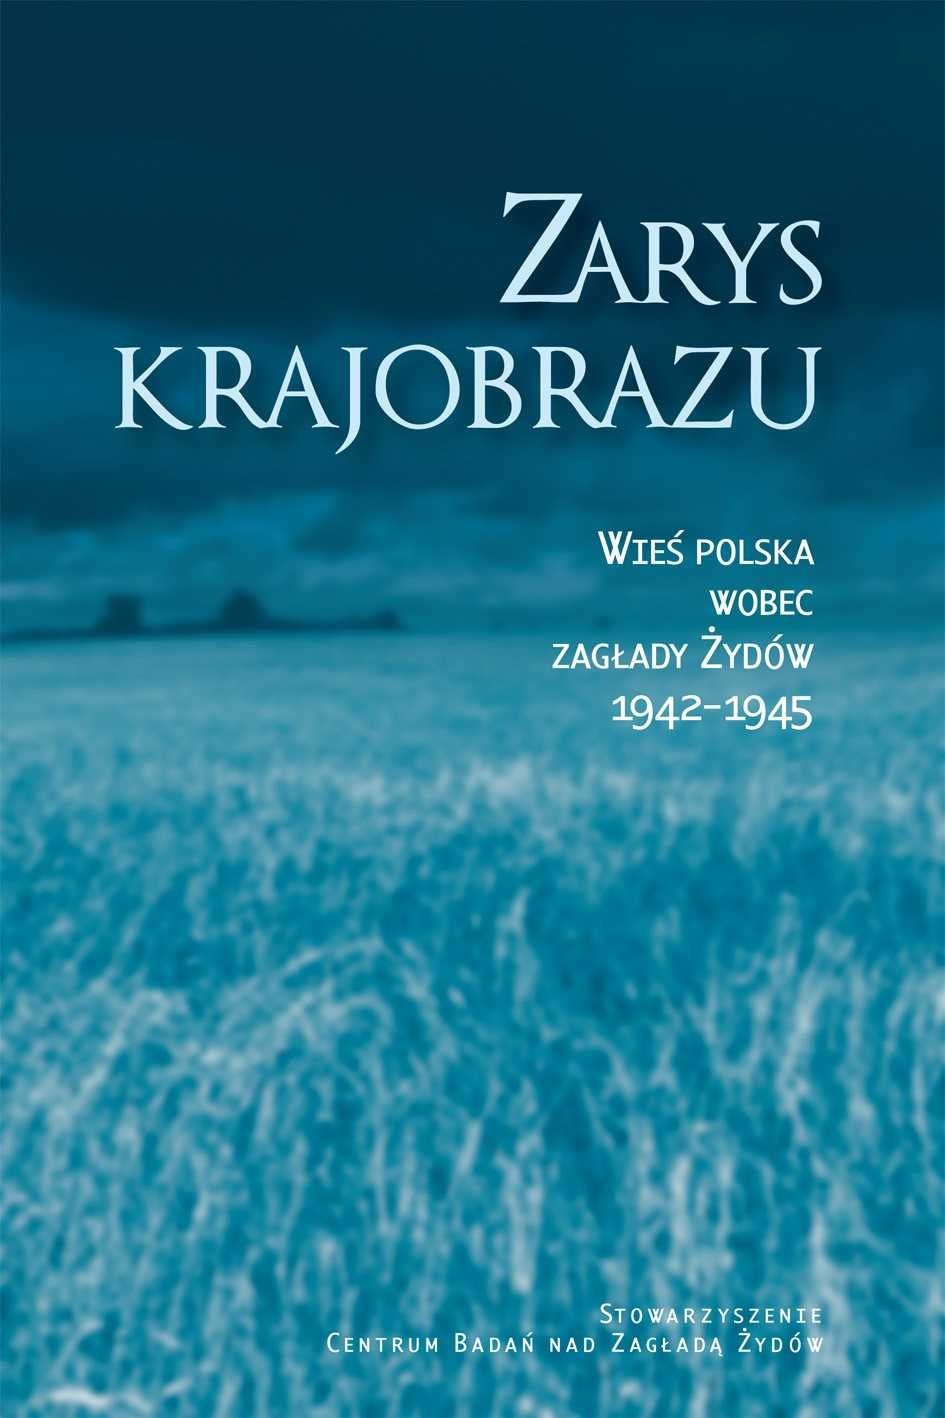 Zarys krajobrazu. Wieś polska wobec zagłady Żydów 1942–1945 - Ebook (Książka EPUB) do pobrania w formacie EPUB